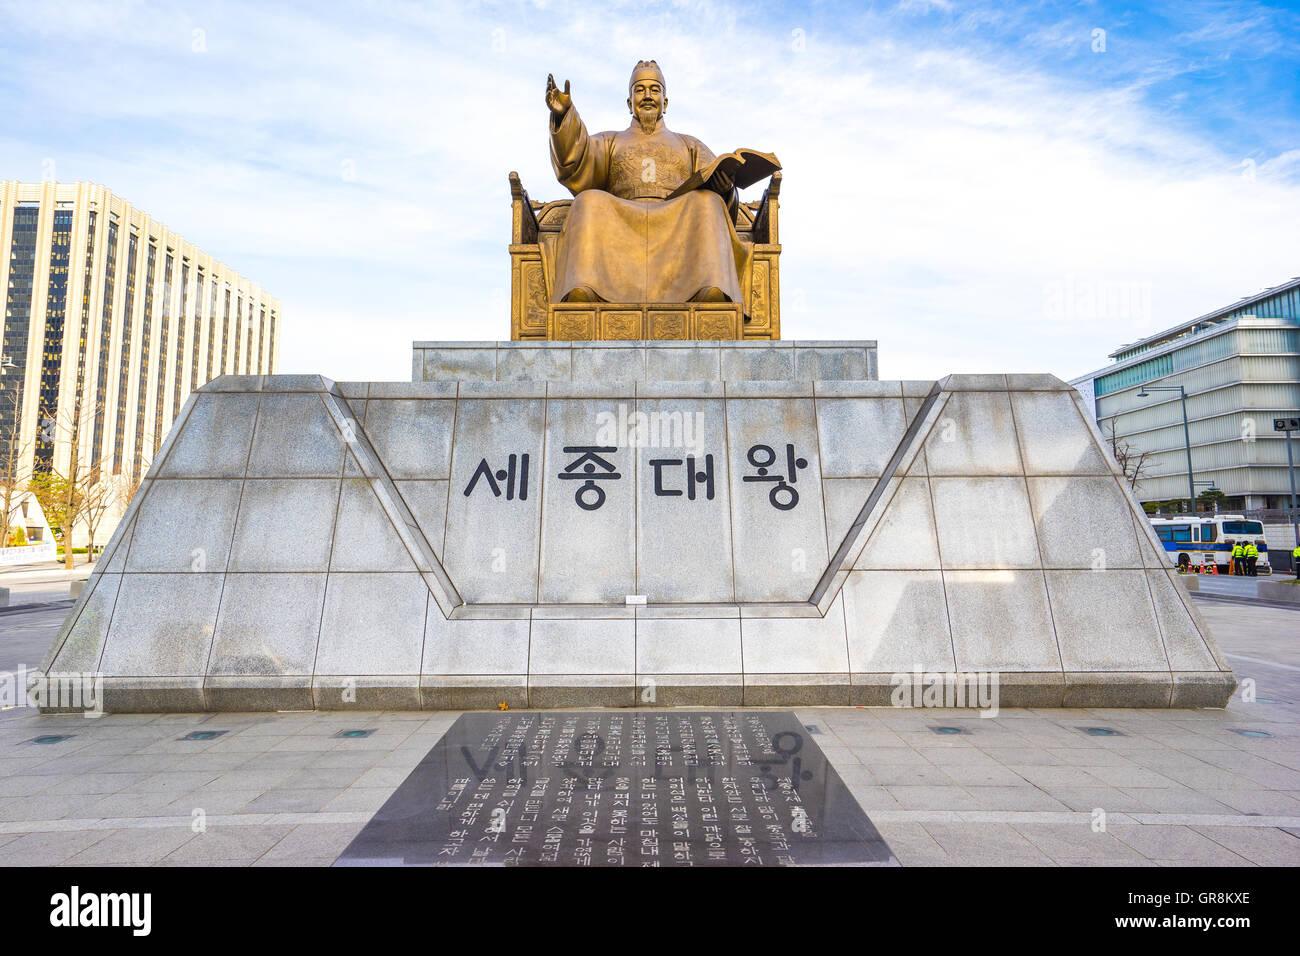 Statua di Sejong il grande re a Gwanghwamun Plaza a Seul, in Corea del Sud. Immagini Stock